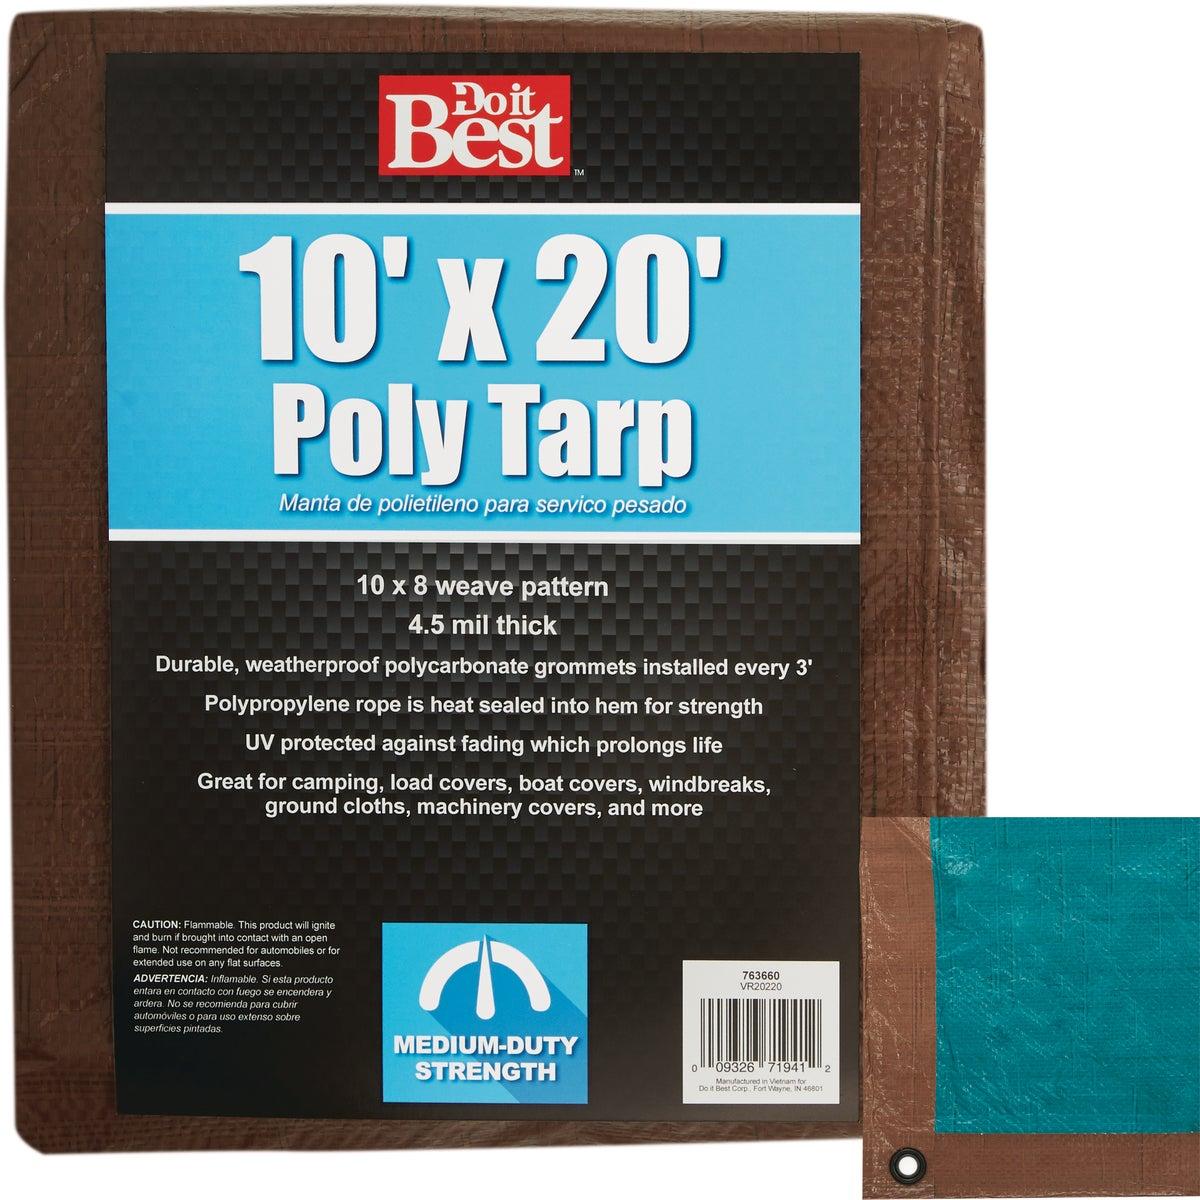 10X20 BR/GR M DUTY TARP